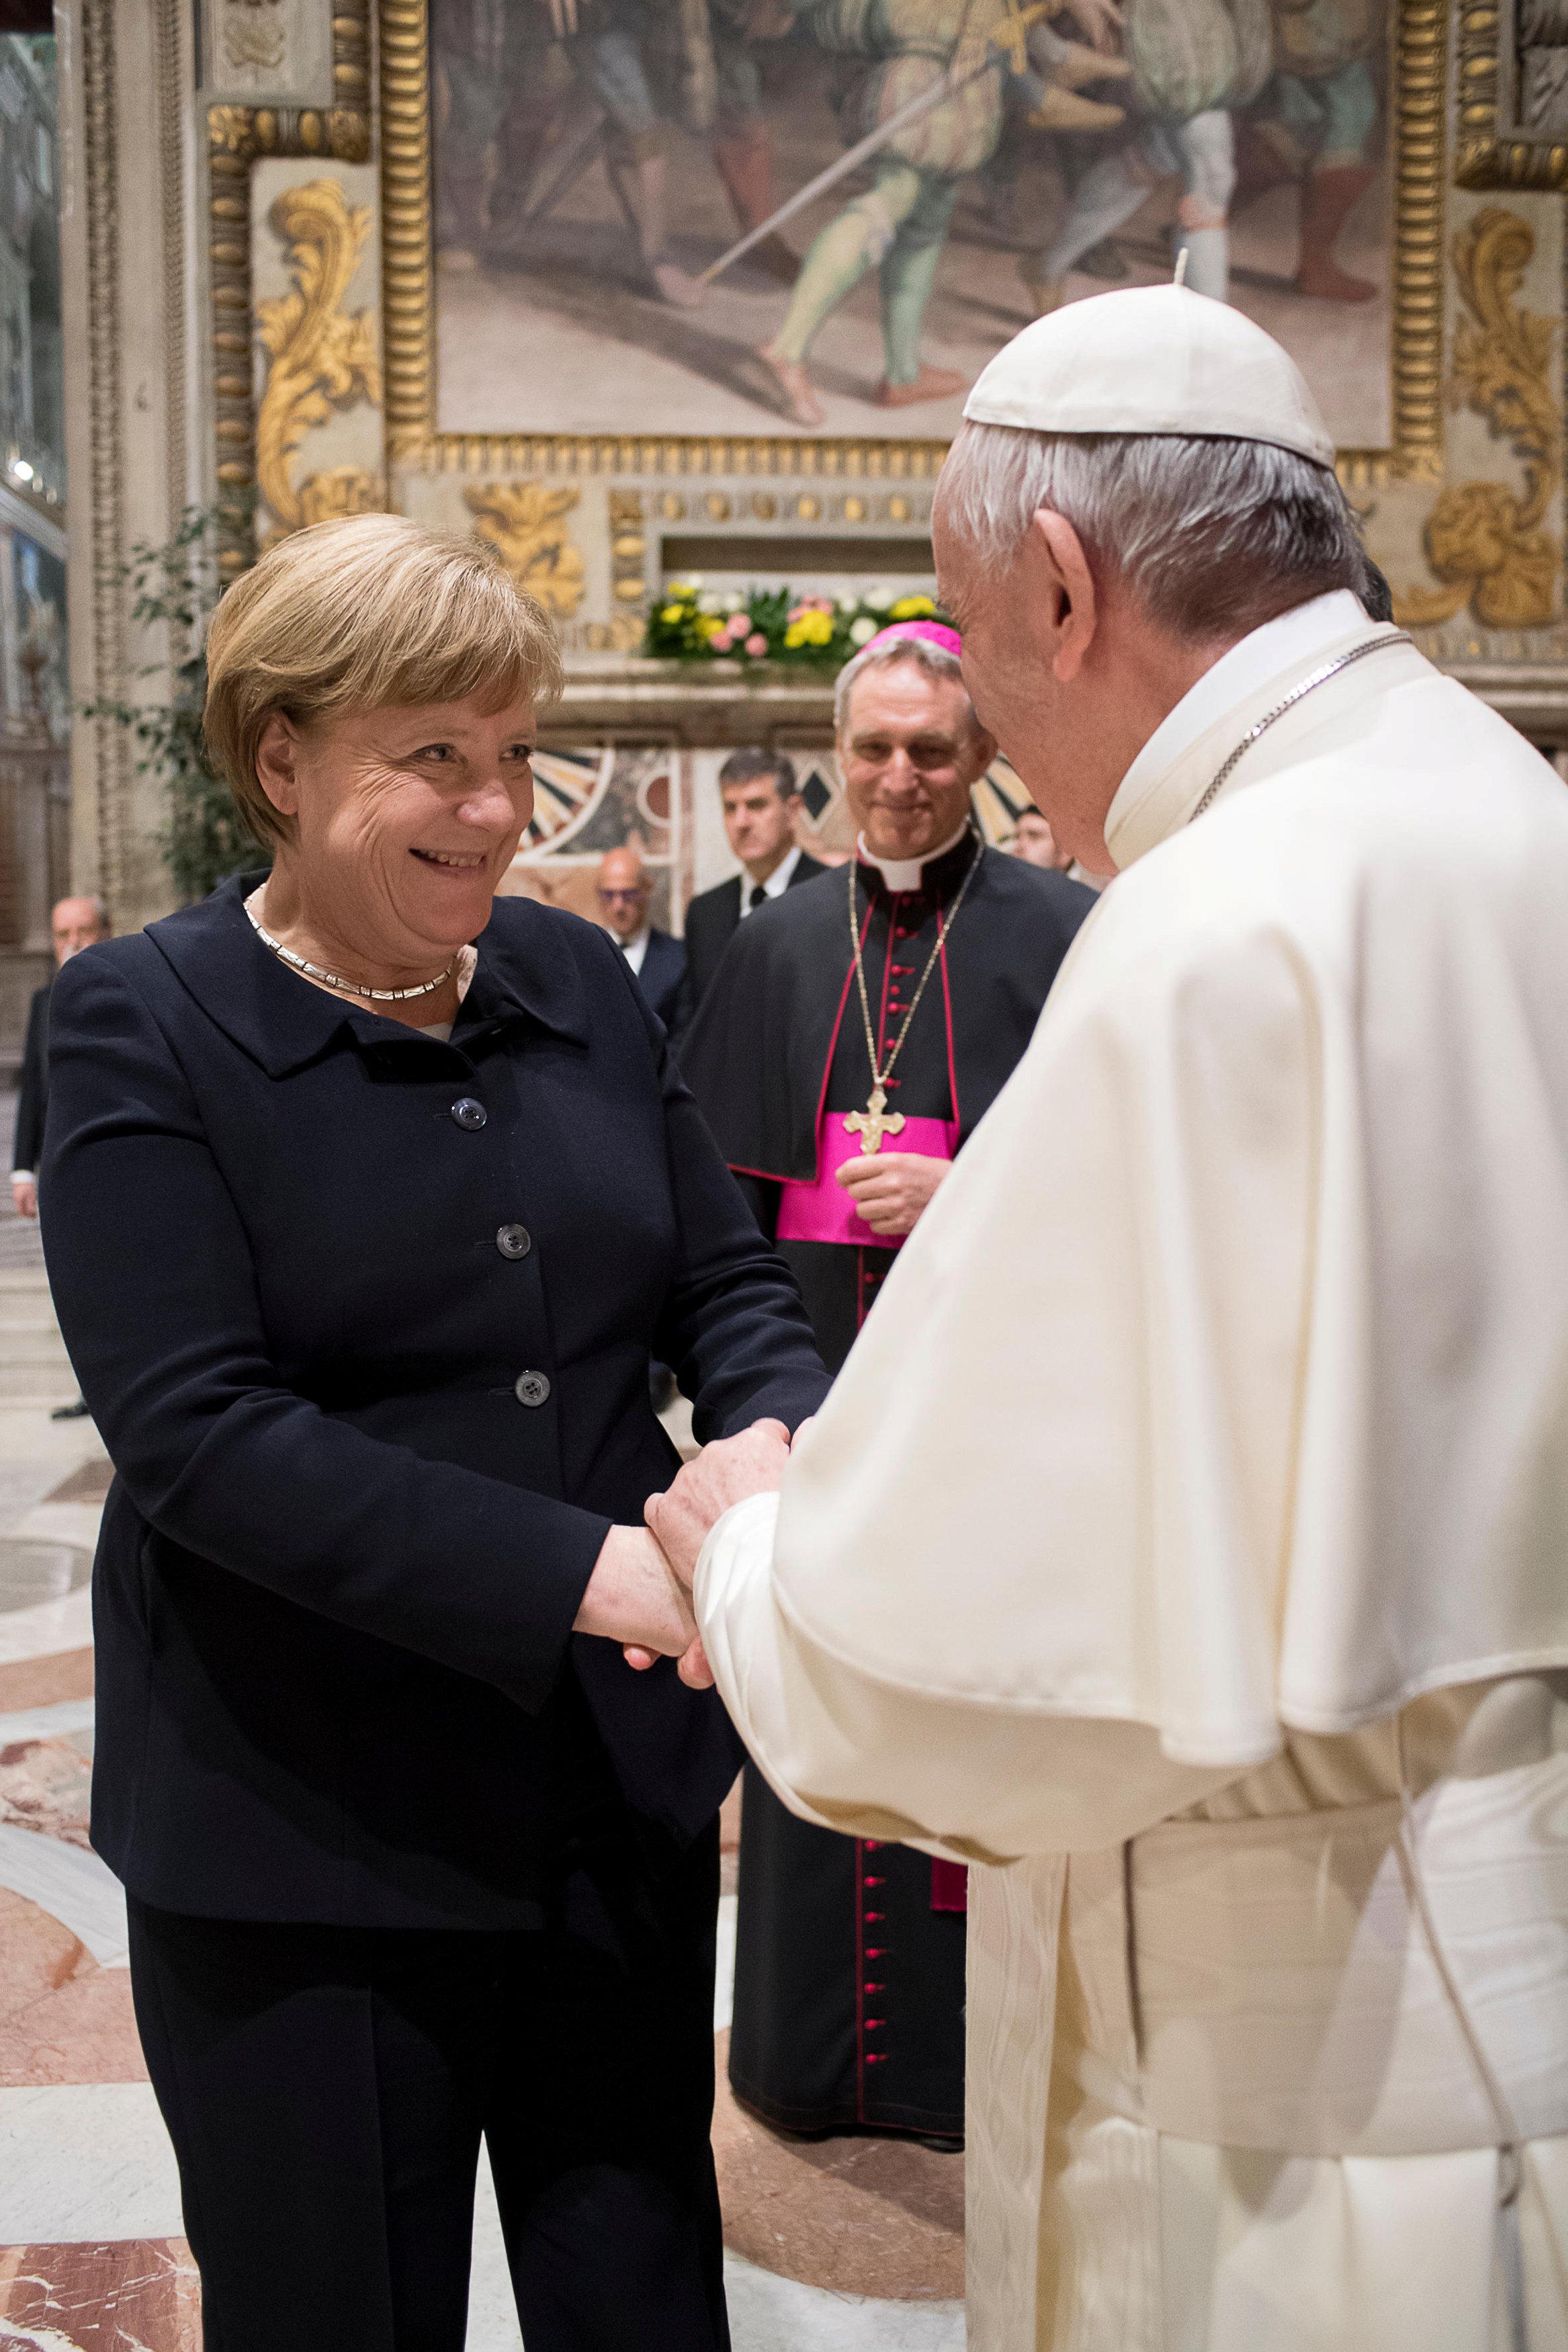 2017 03 24T191300Z 1868699736 RC131D984F30 RTRMADP 3 EU SUMMIT POPE